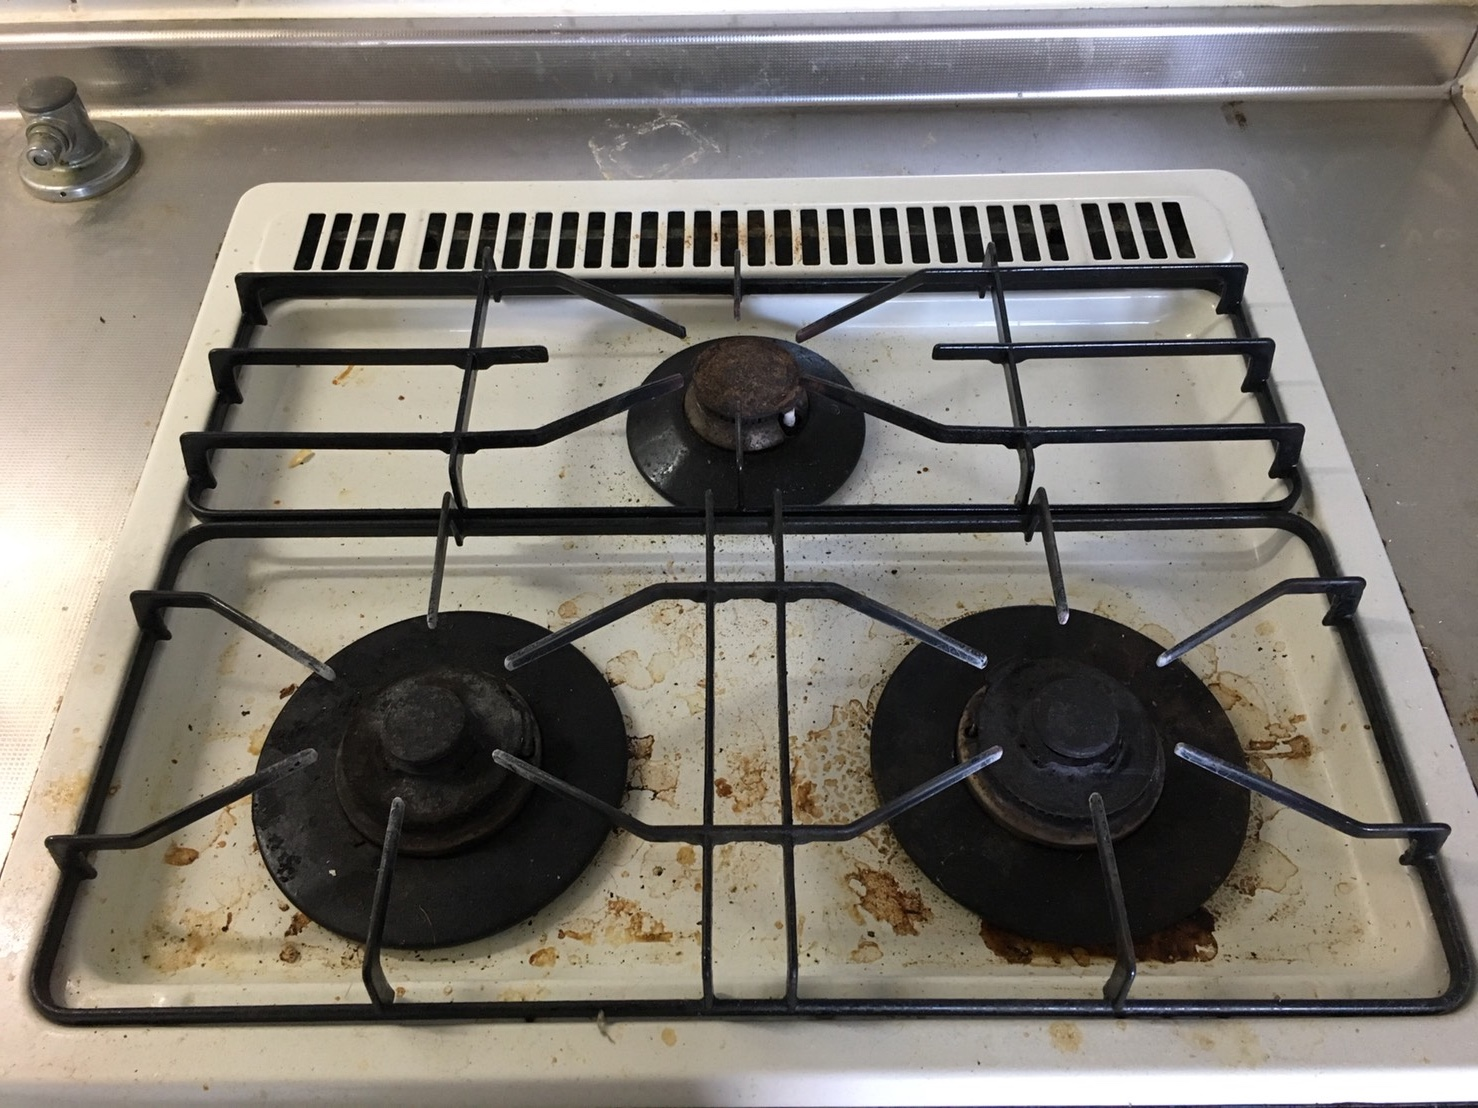 伊丹市・川西市・宝塚市内お見積り無料!台所のお掃除・リピート率NO.1☆ガスコンロを綺麗にします!ハウスクリーニングはおそうじプラスにお任せ下さい!